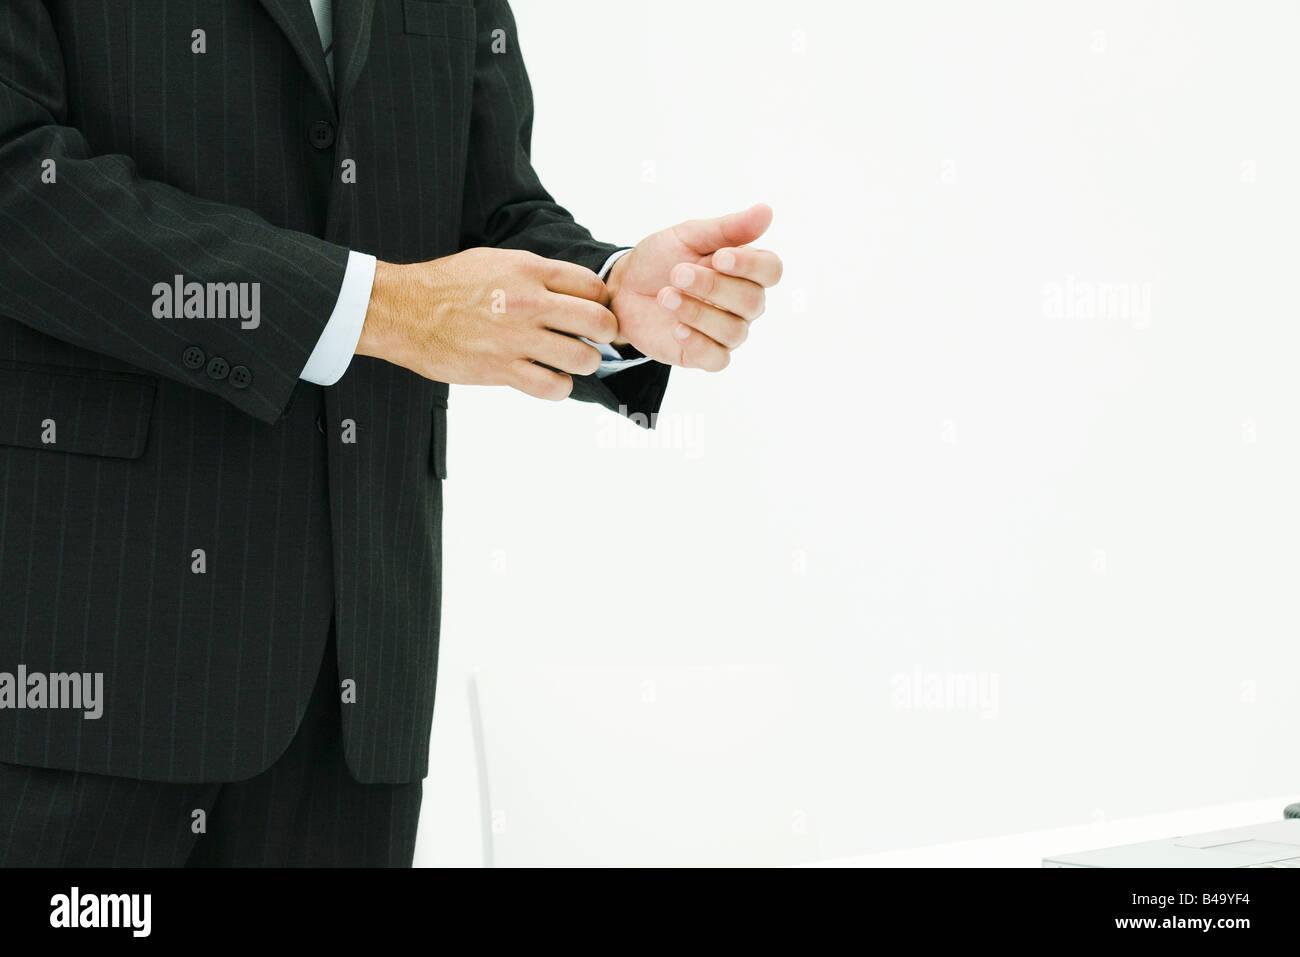 Man in suit, réglage de pression, cropped view Banque D'Images